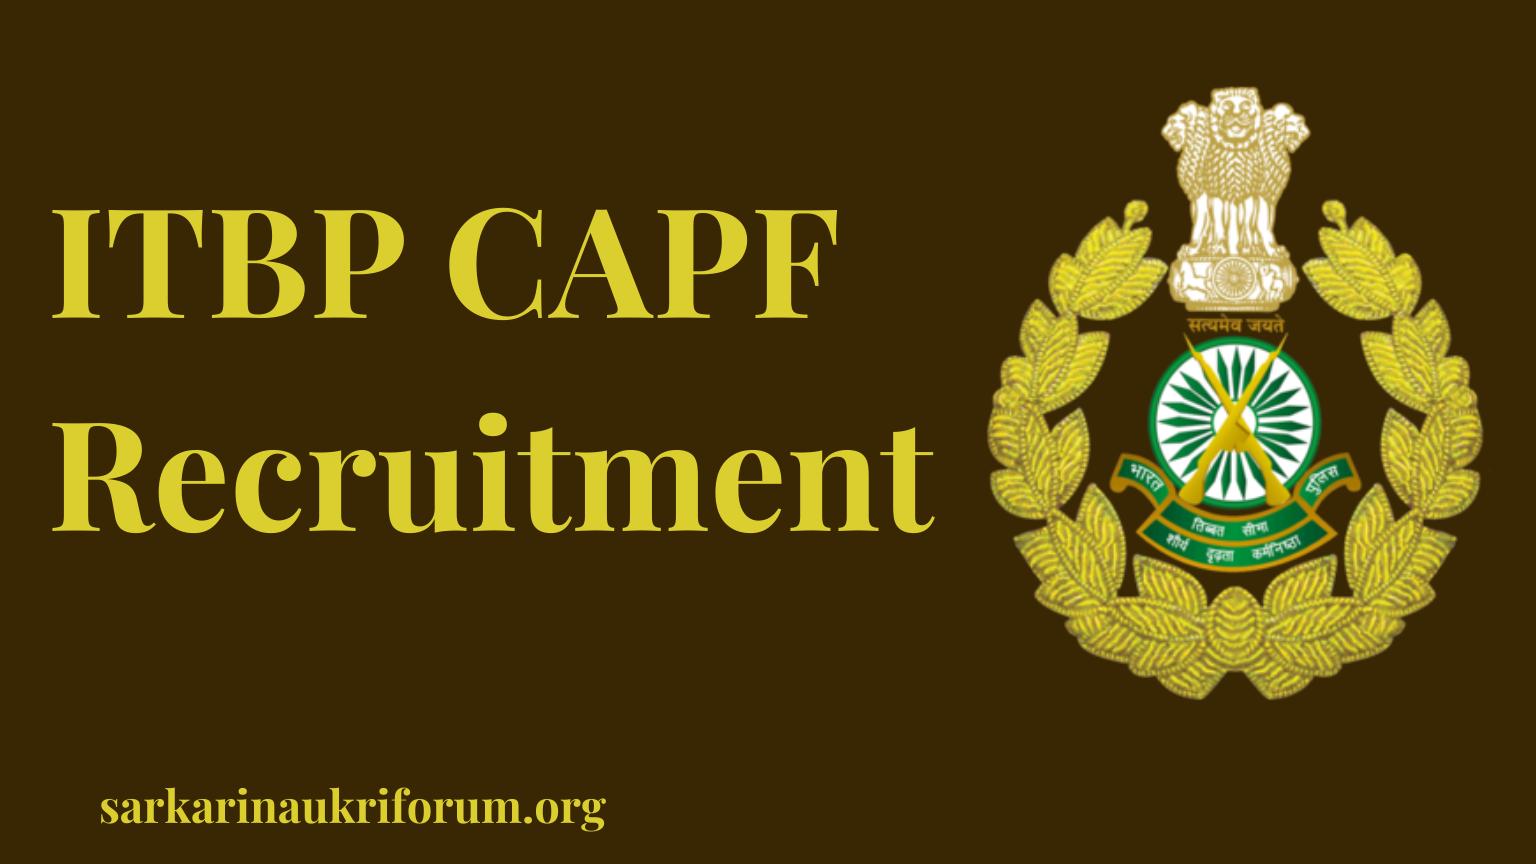 ITBP CAPF Recruitment